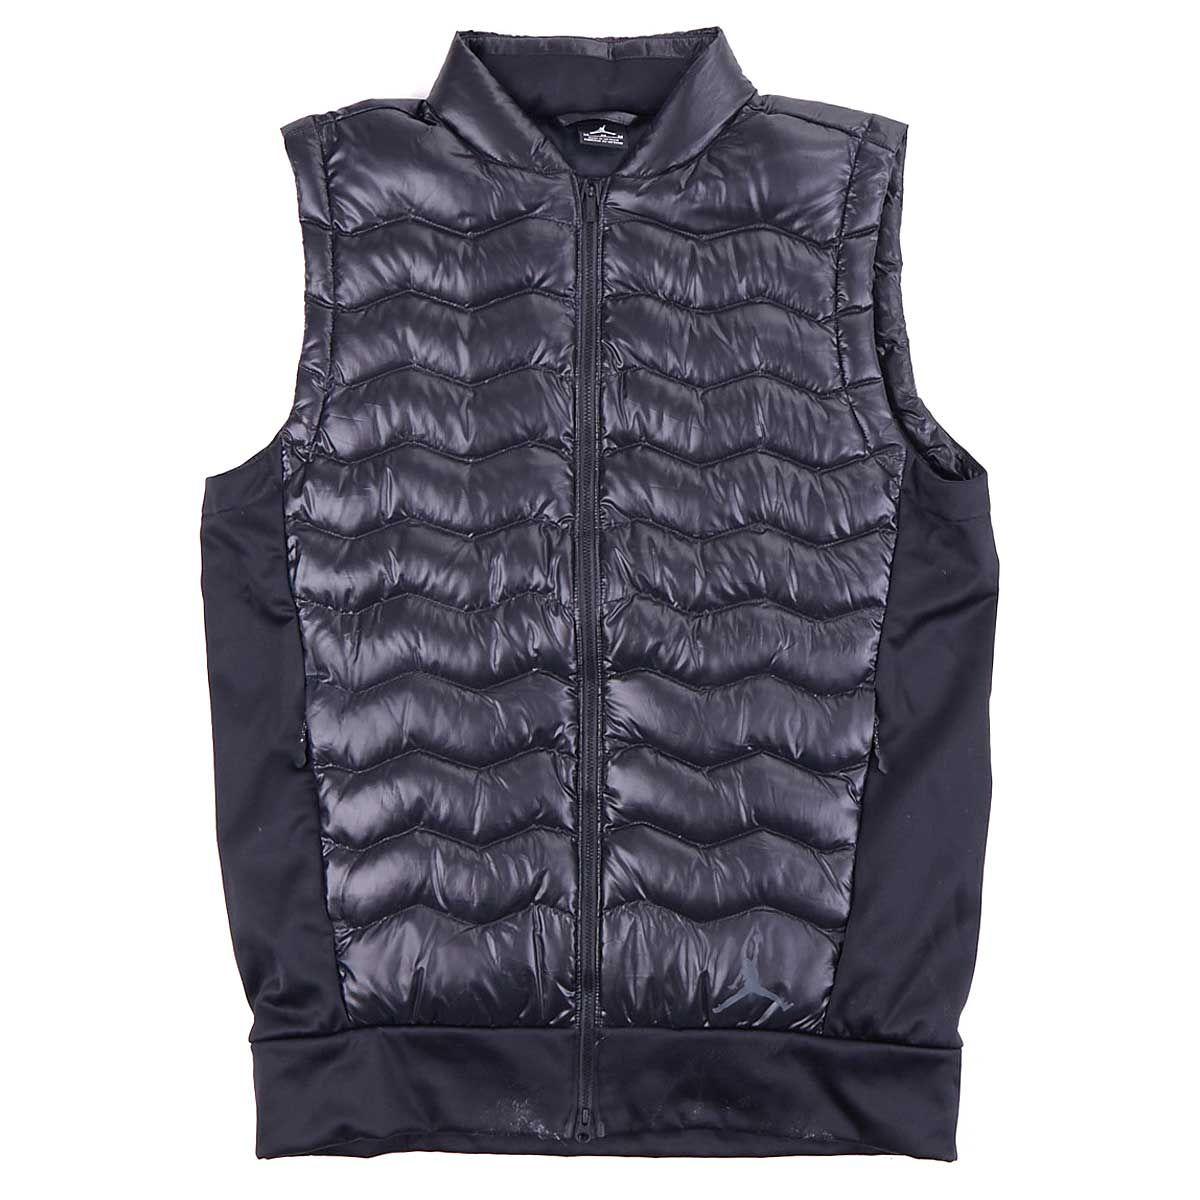 Dwn Vest Perf Jordan Blackblackblackblack Hybrid cTlF3K1J